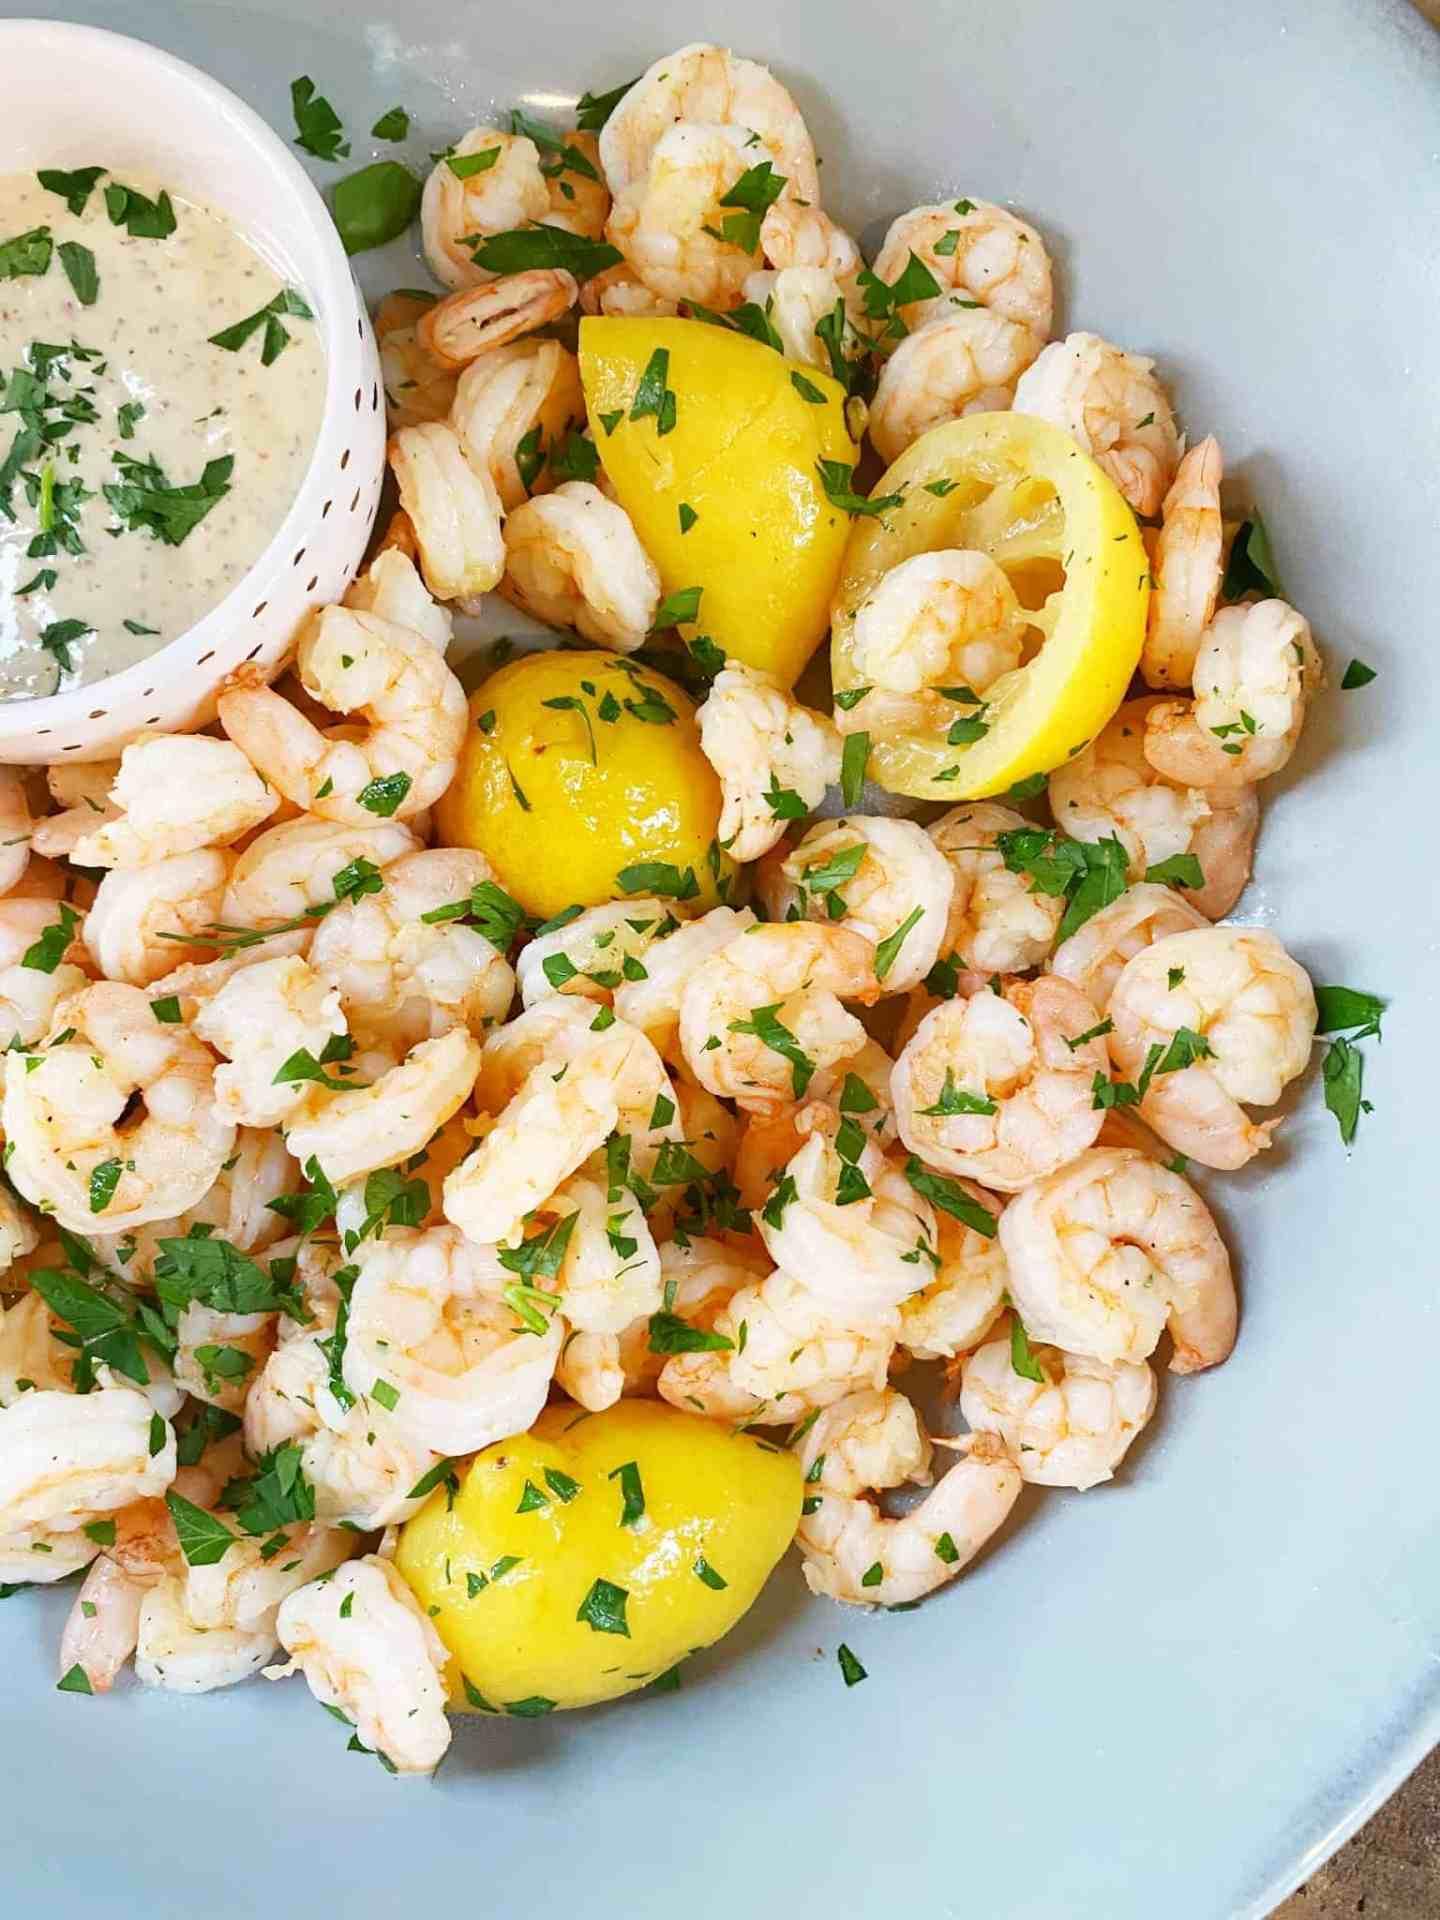 Lemony-Boiled-Shrimp-with-Honey-Mustard-Dipping-Sauce-boiled-shrimp